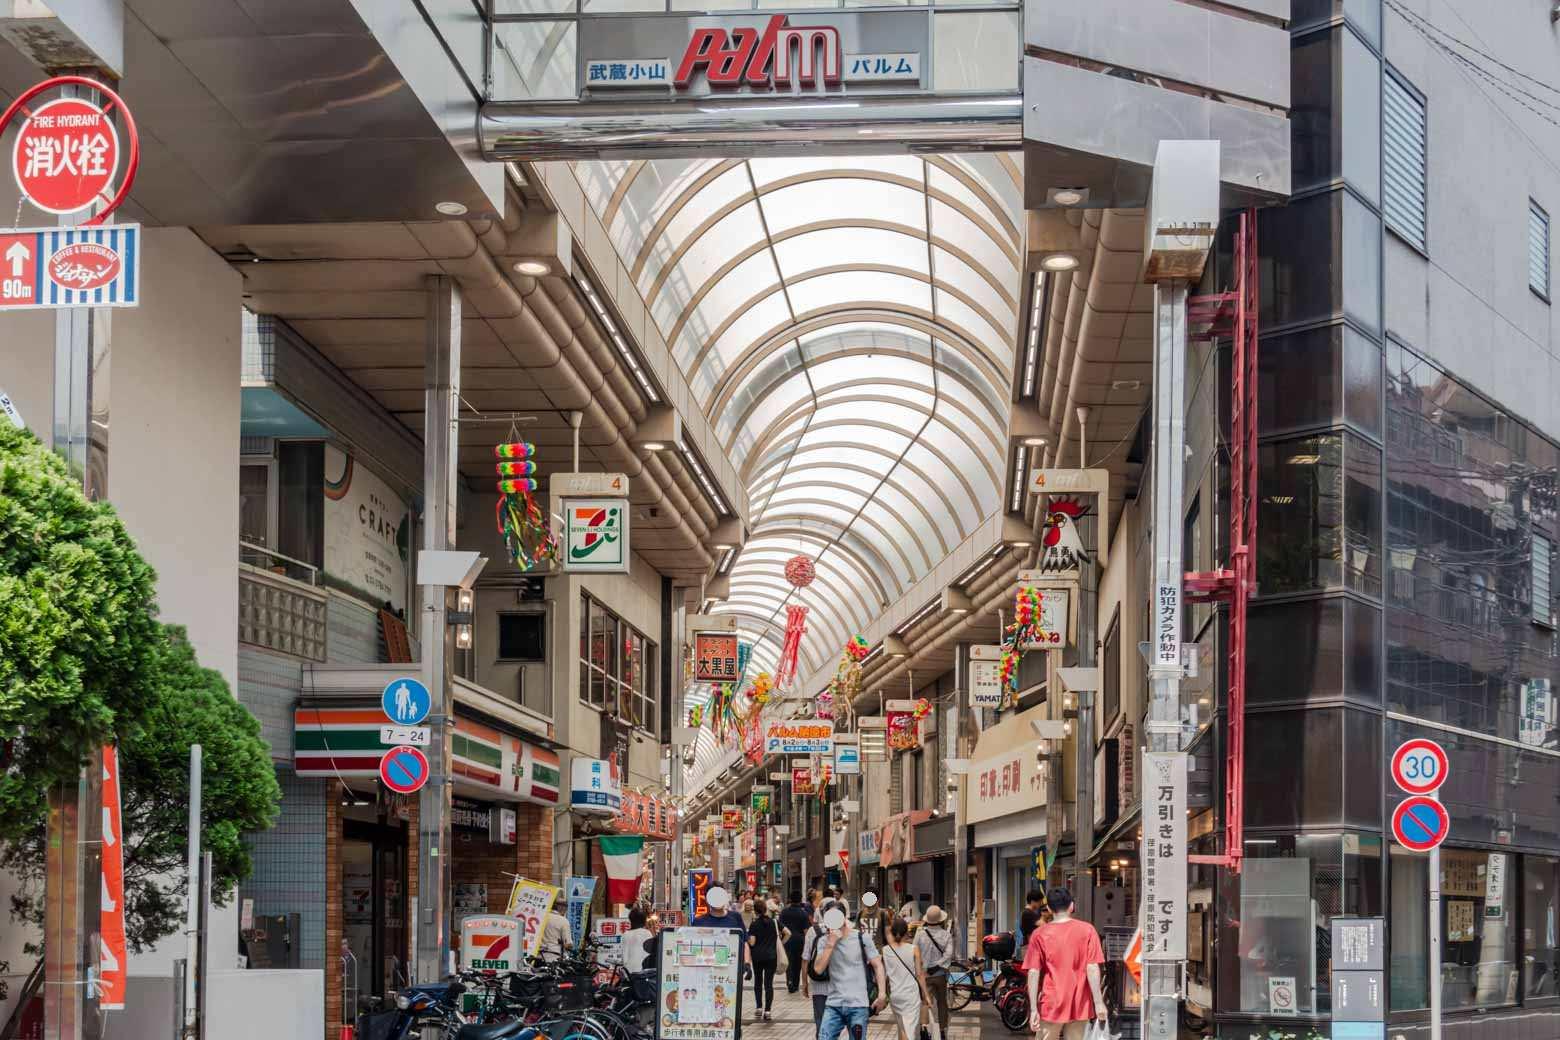 色々な特長をもつ商店街ですが、個人的には、チェーン店の充実ぶりがすごいなと感じます。駅直結の〈エトモ武蔵小山〉と併せたら、主要なチェーン店はほぼすべて揃っているといっても過言ではないかと。